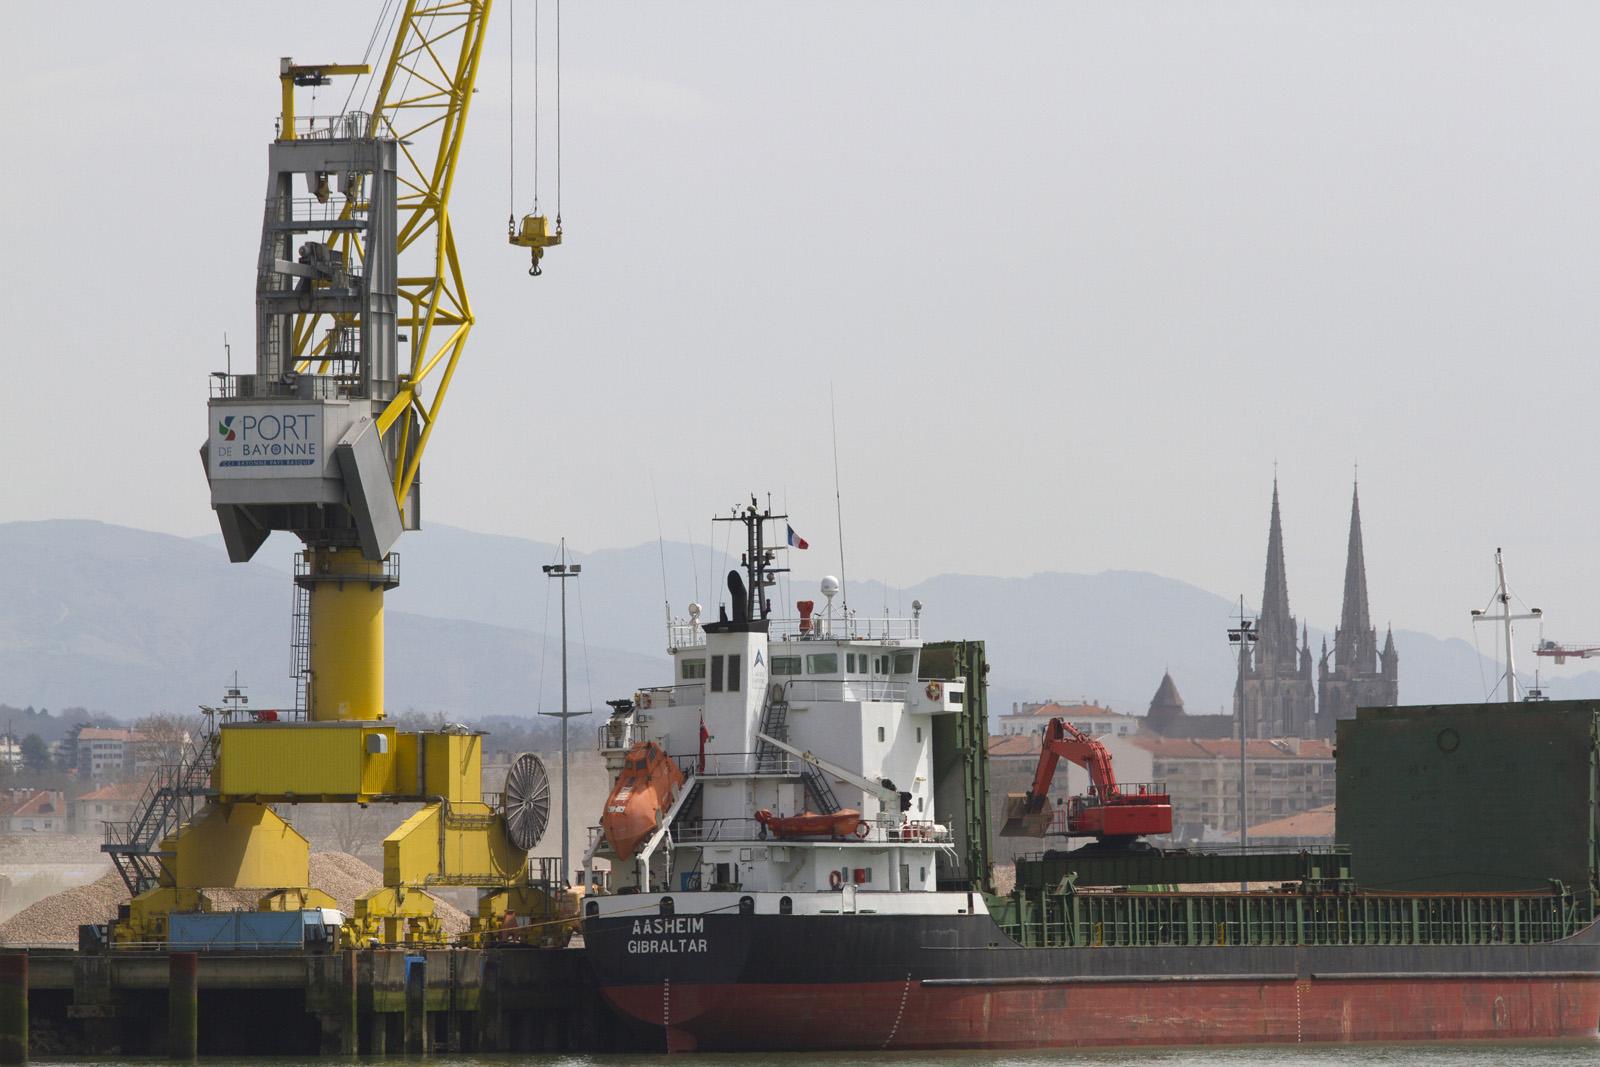 Technopole Cote Basque - port de bayonne